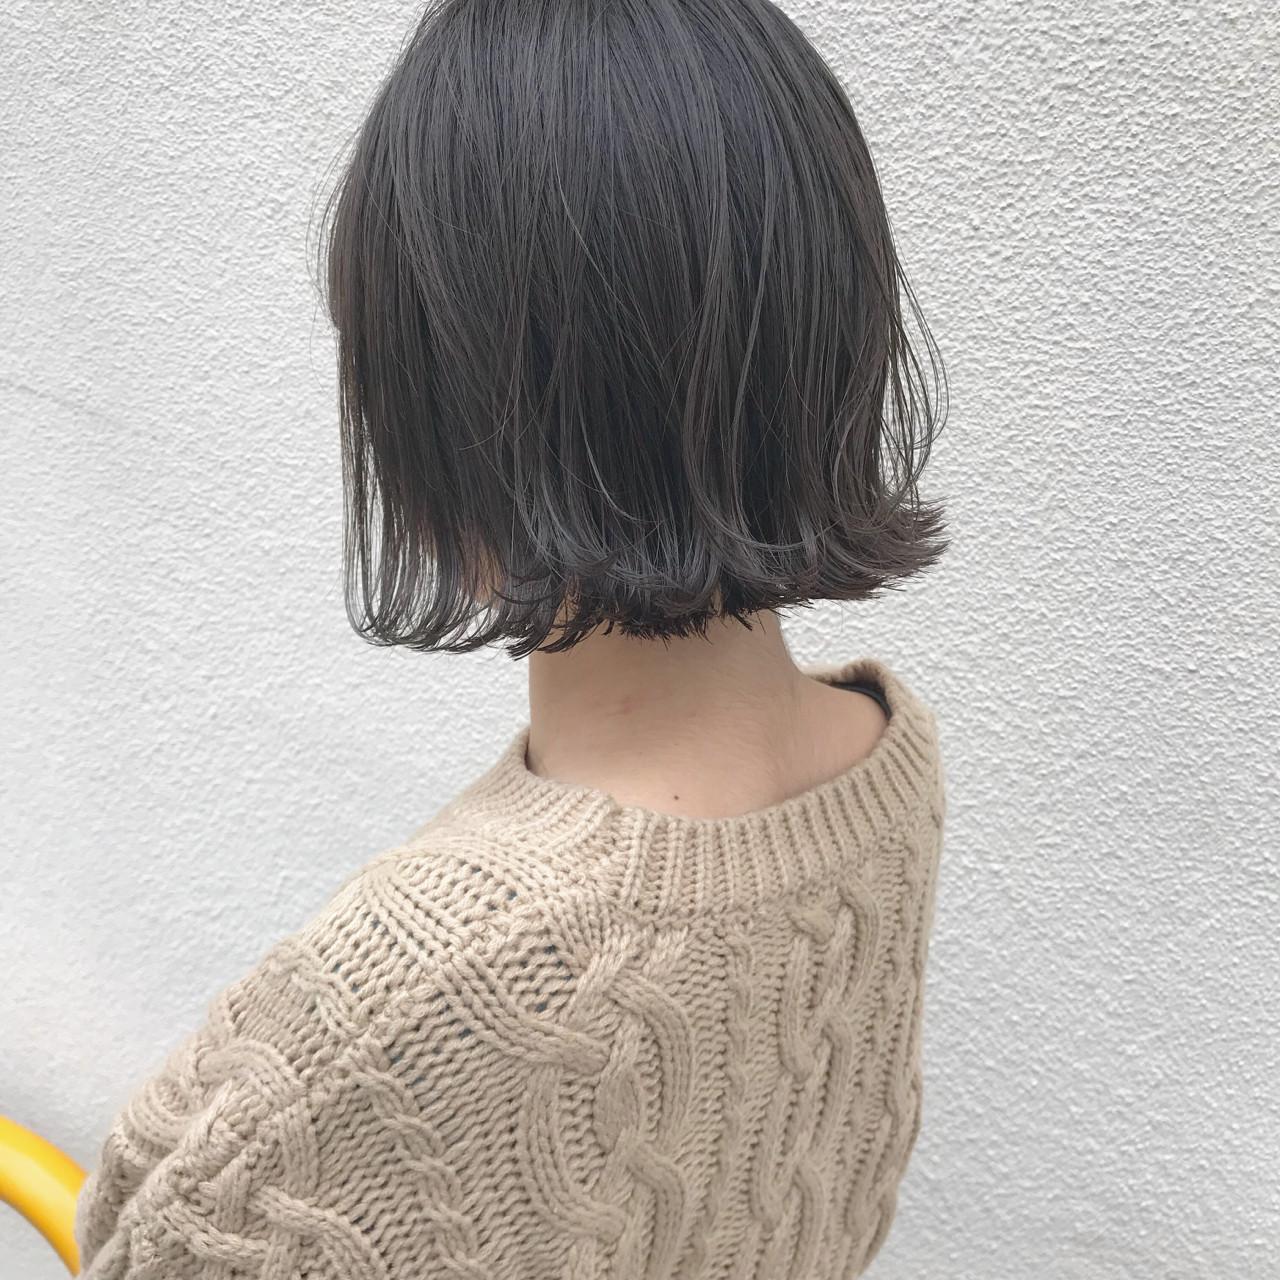 アンニュイ こなれ感 ハイライト ゆるふわ ヘアスタイルや髪型の写真・画像 | KENTO.NOESALON / NOE SALON